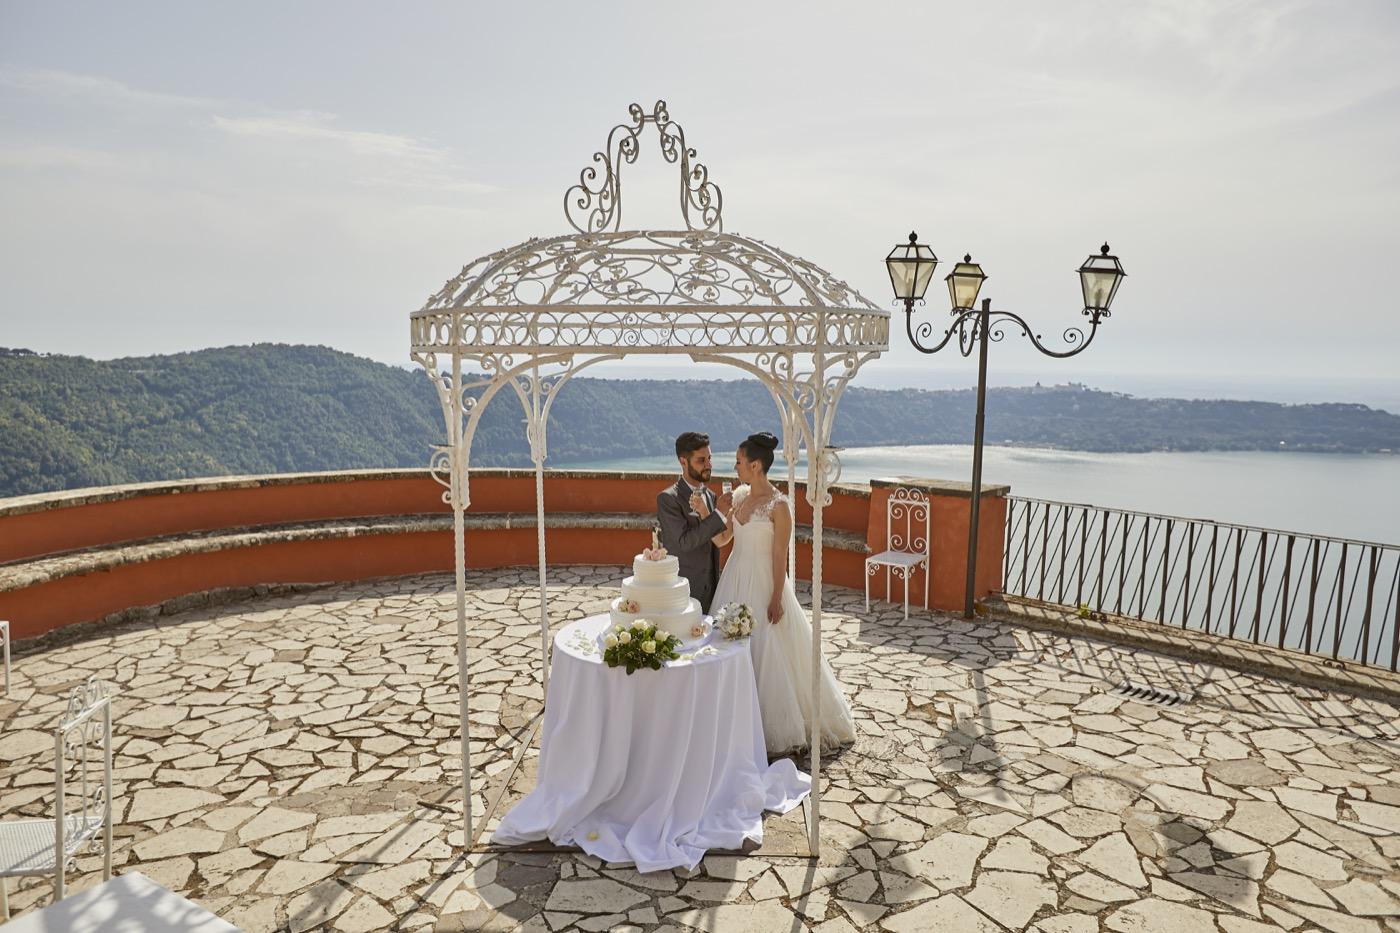 Claudio-Coppola-wedding-photographer-villa-del-cardinale-rocca-di-papa-castel-gandolfo-71